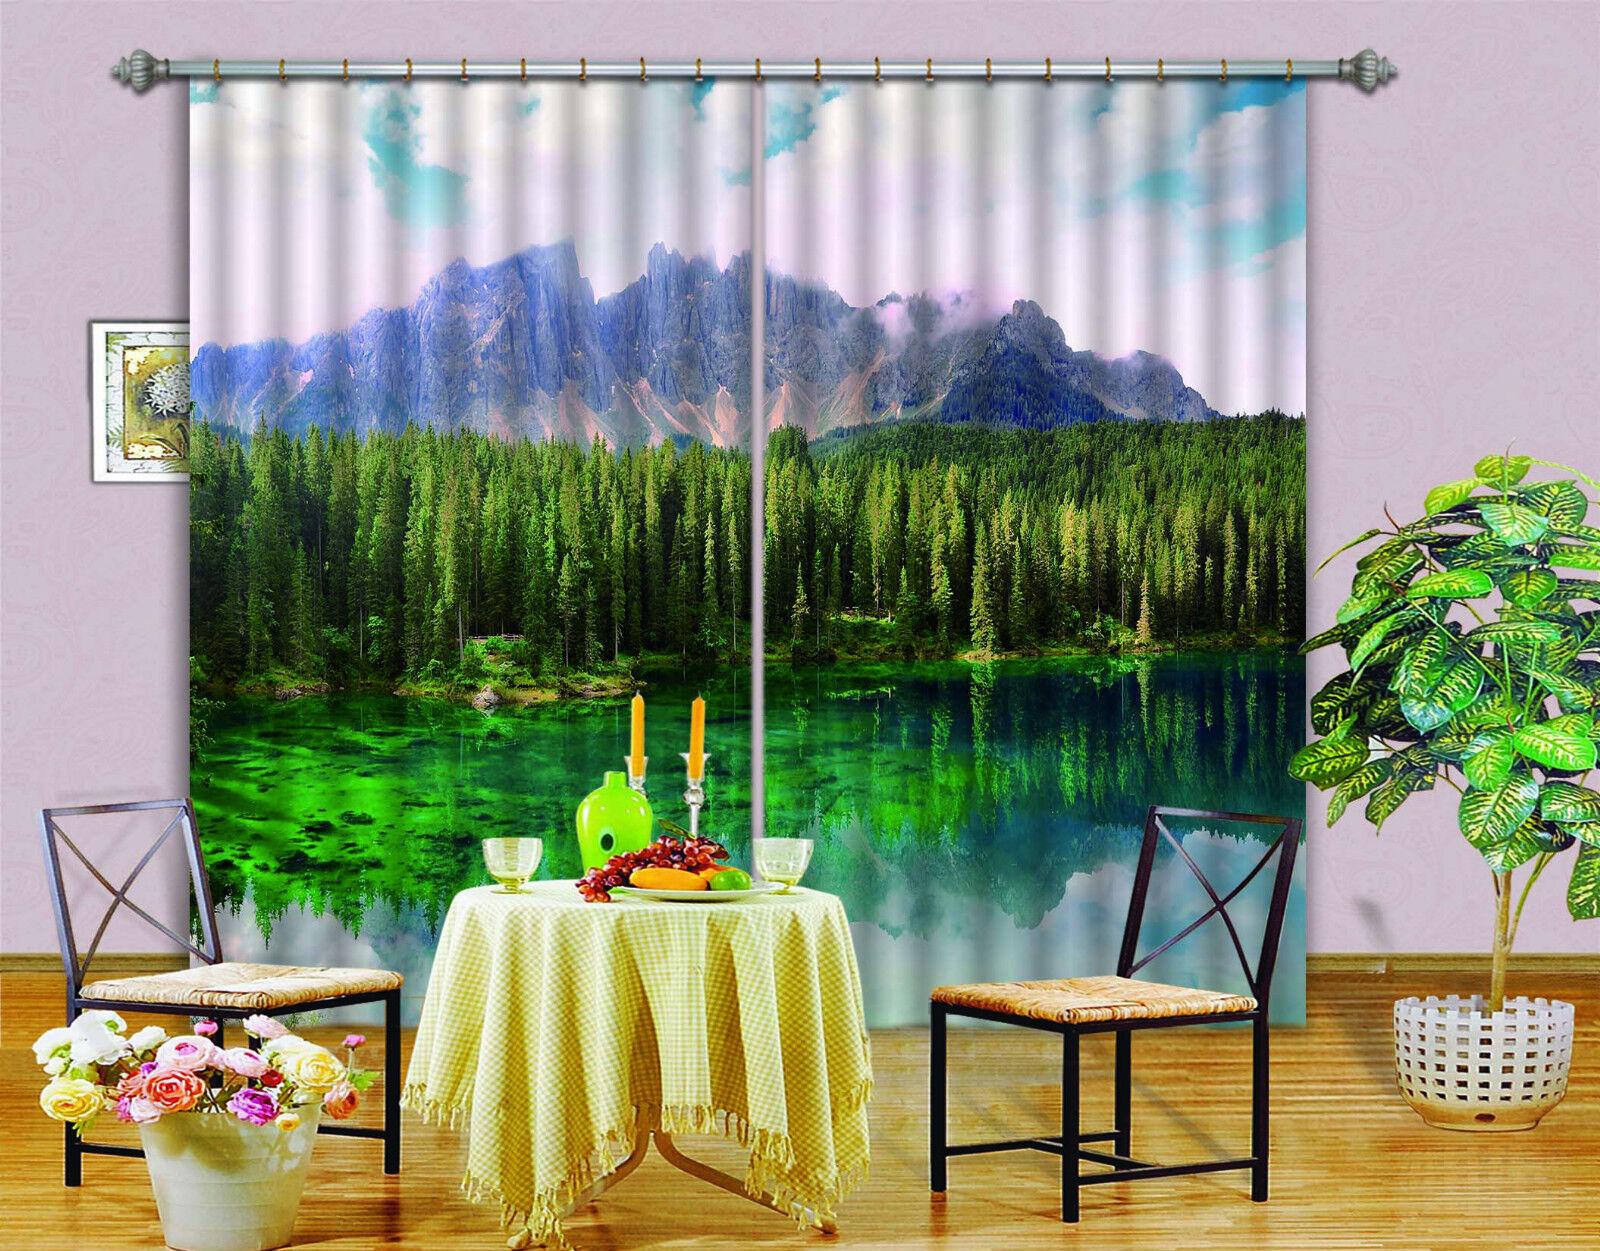 3d bello lago 304 bloqueo foto cortina cortina de impresión sustancia cortinas de ventana